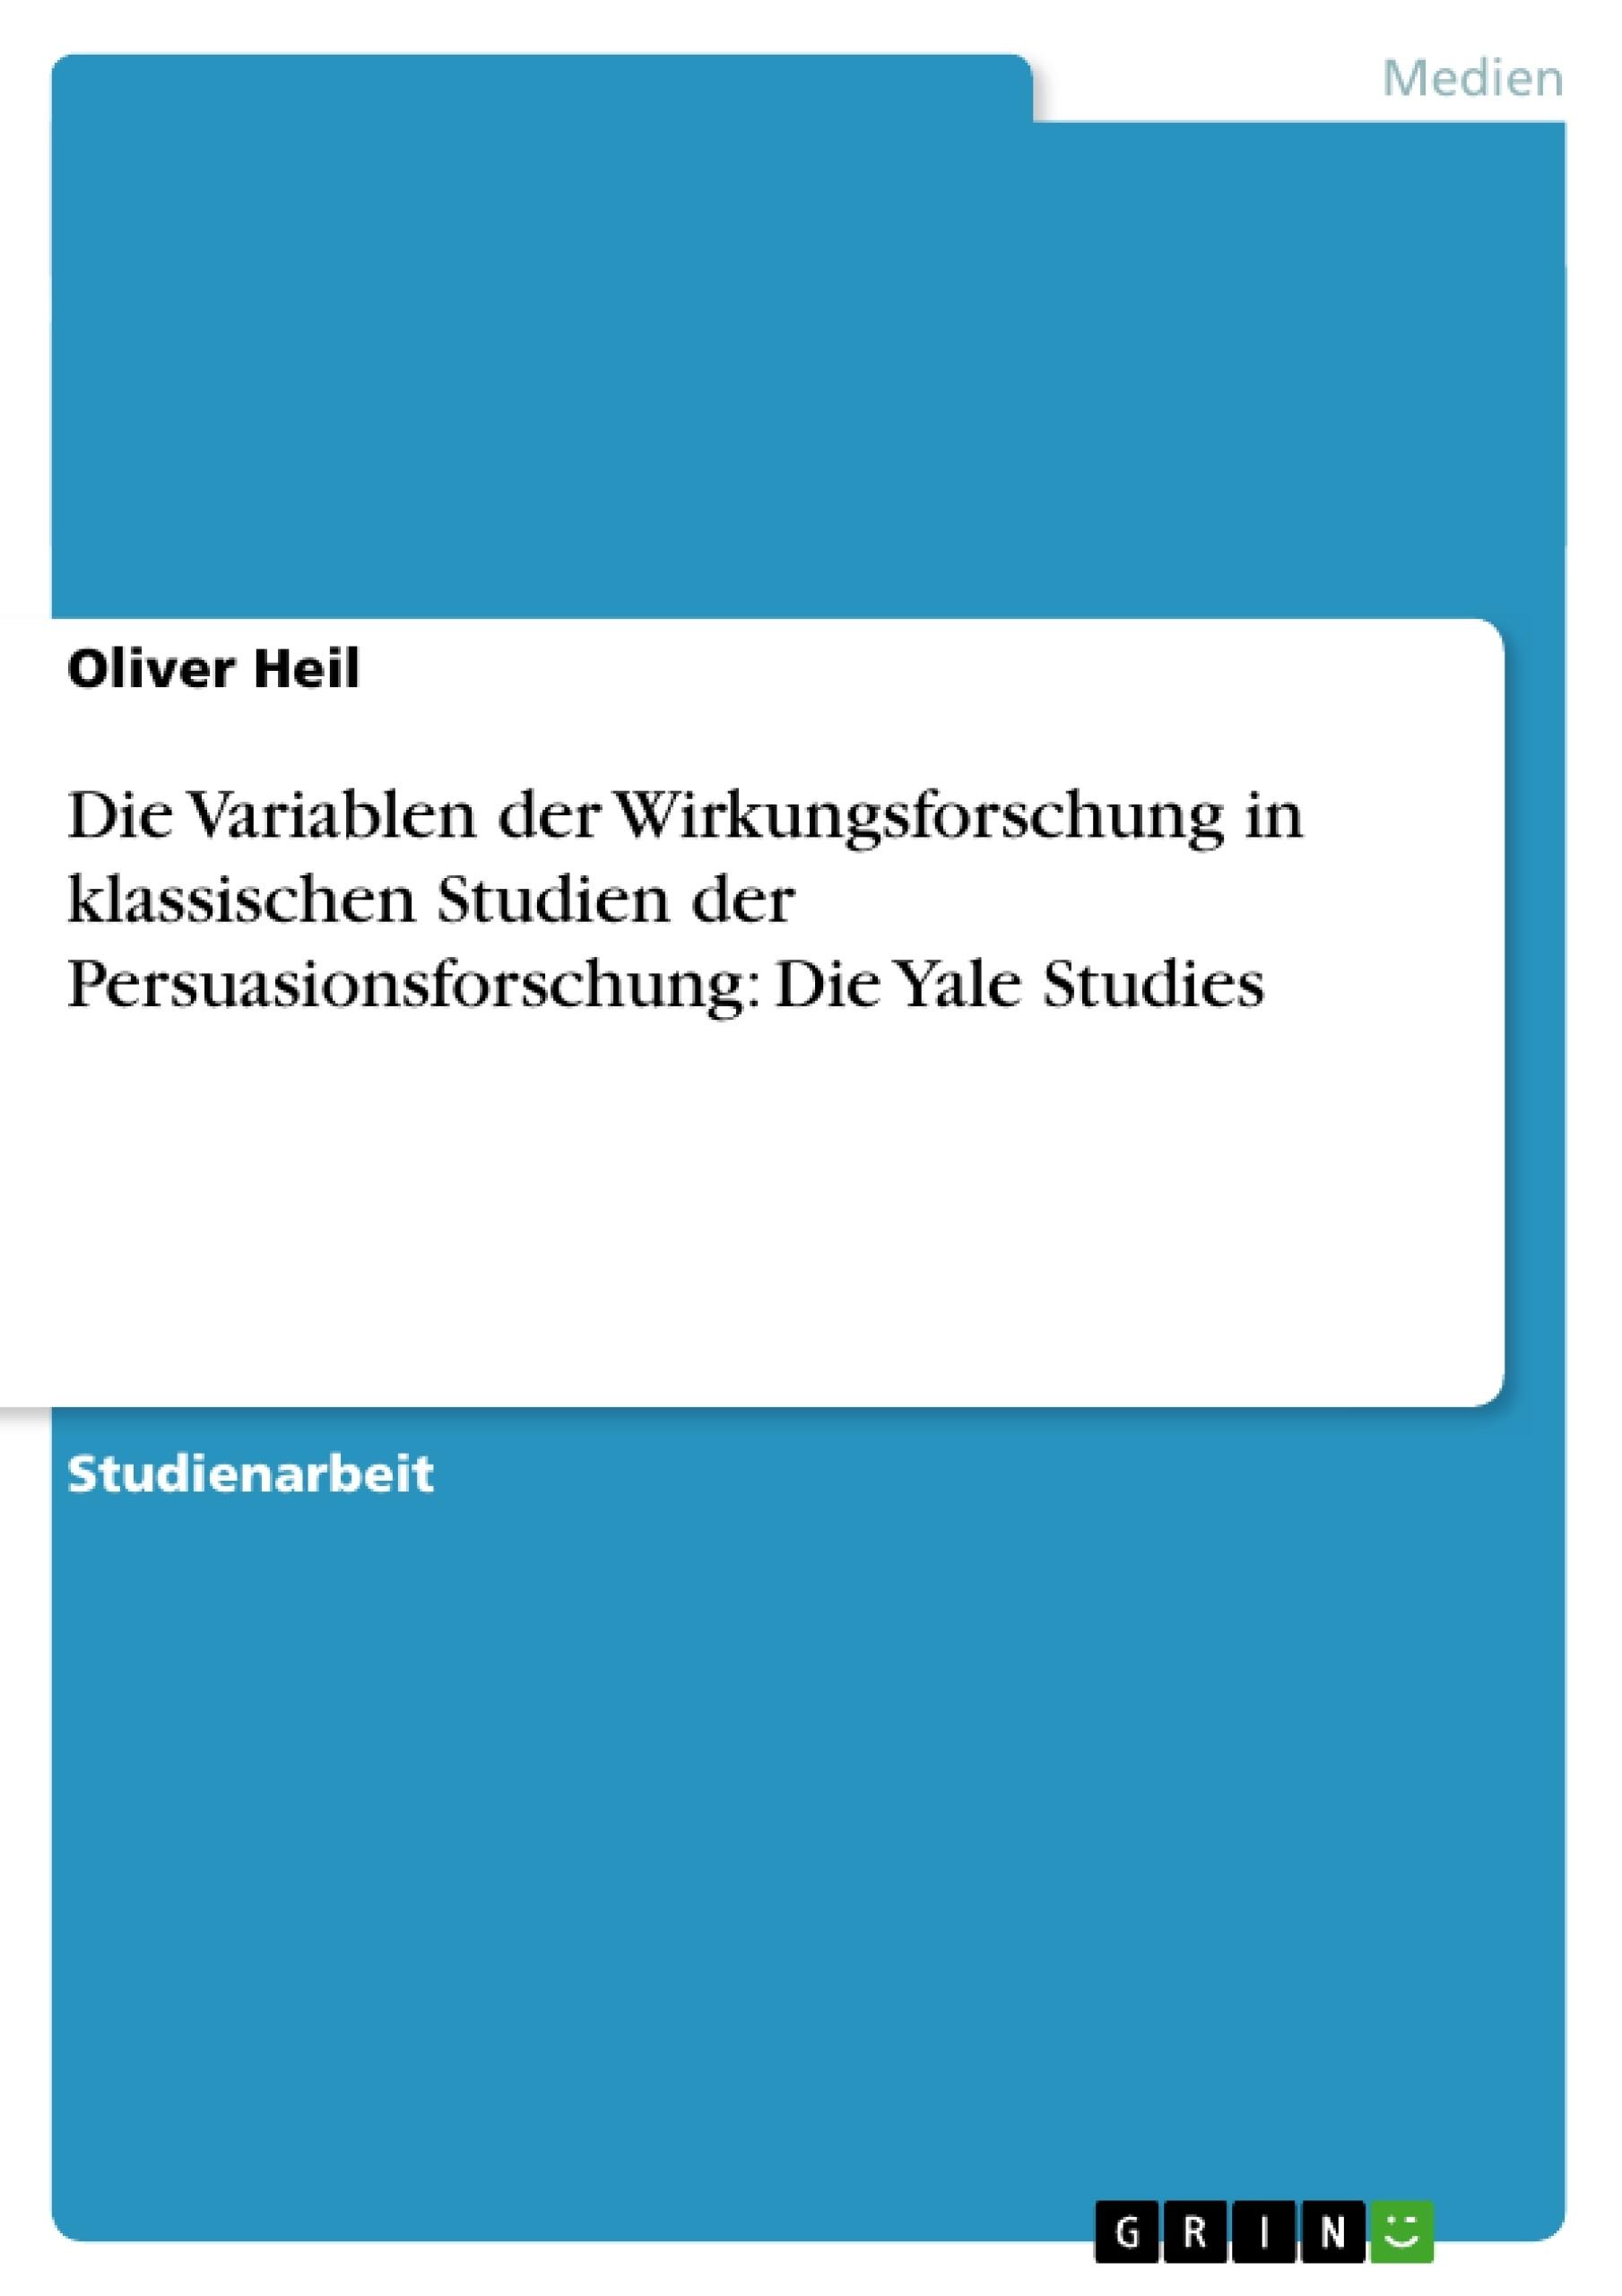 Titel: Die Variablen der Wirkungsforschung in klassischen Studien der Persuasionsforschung: Die Yale Studies